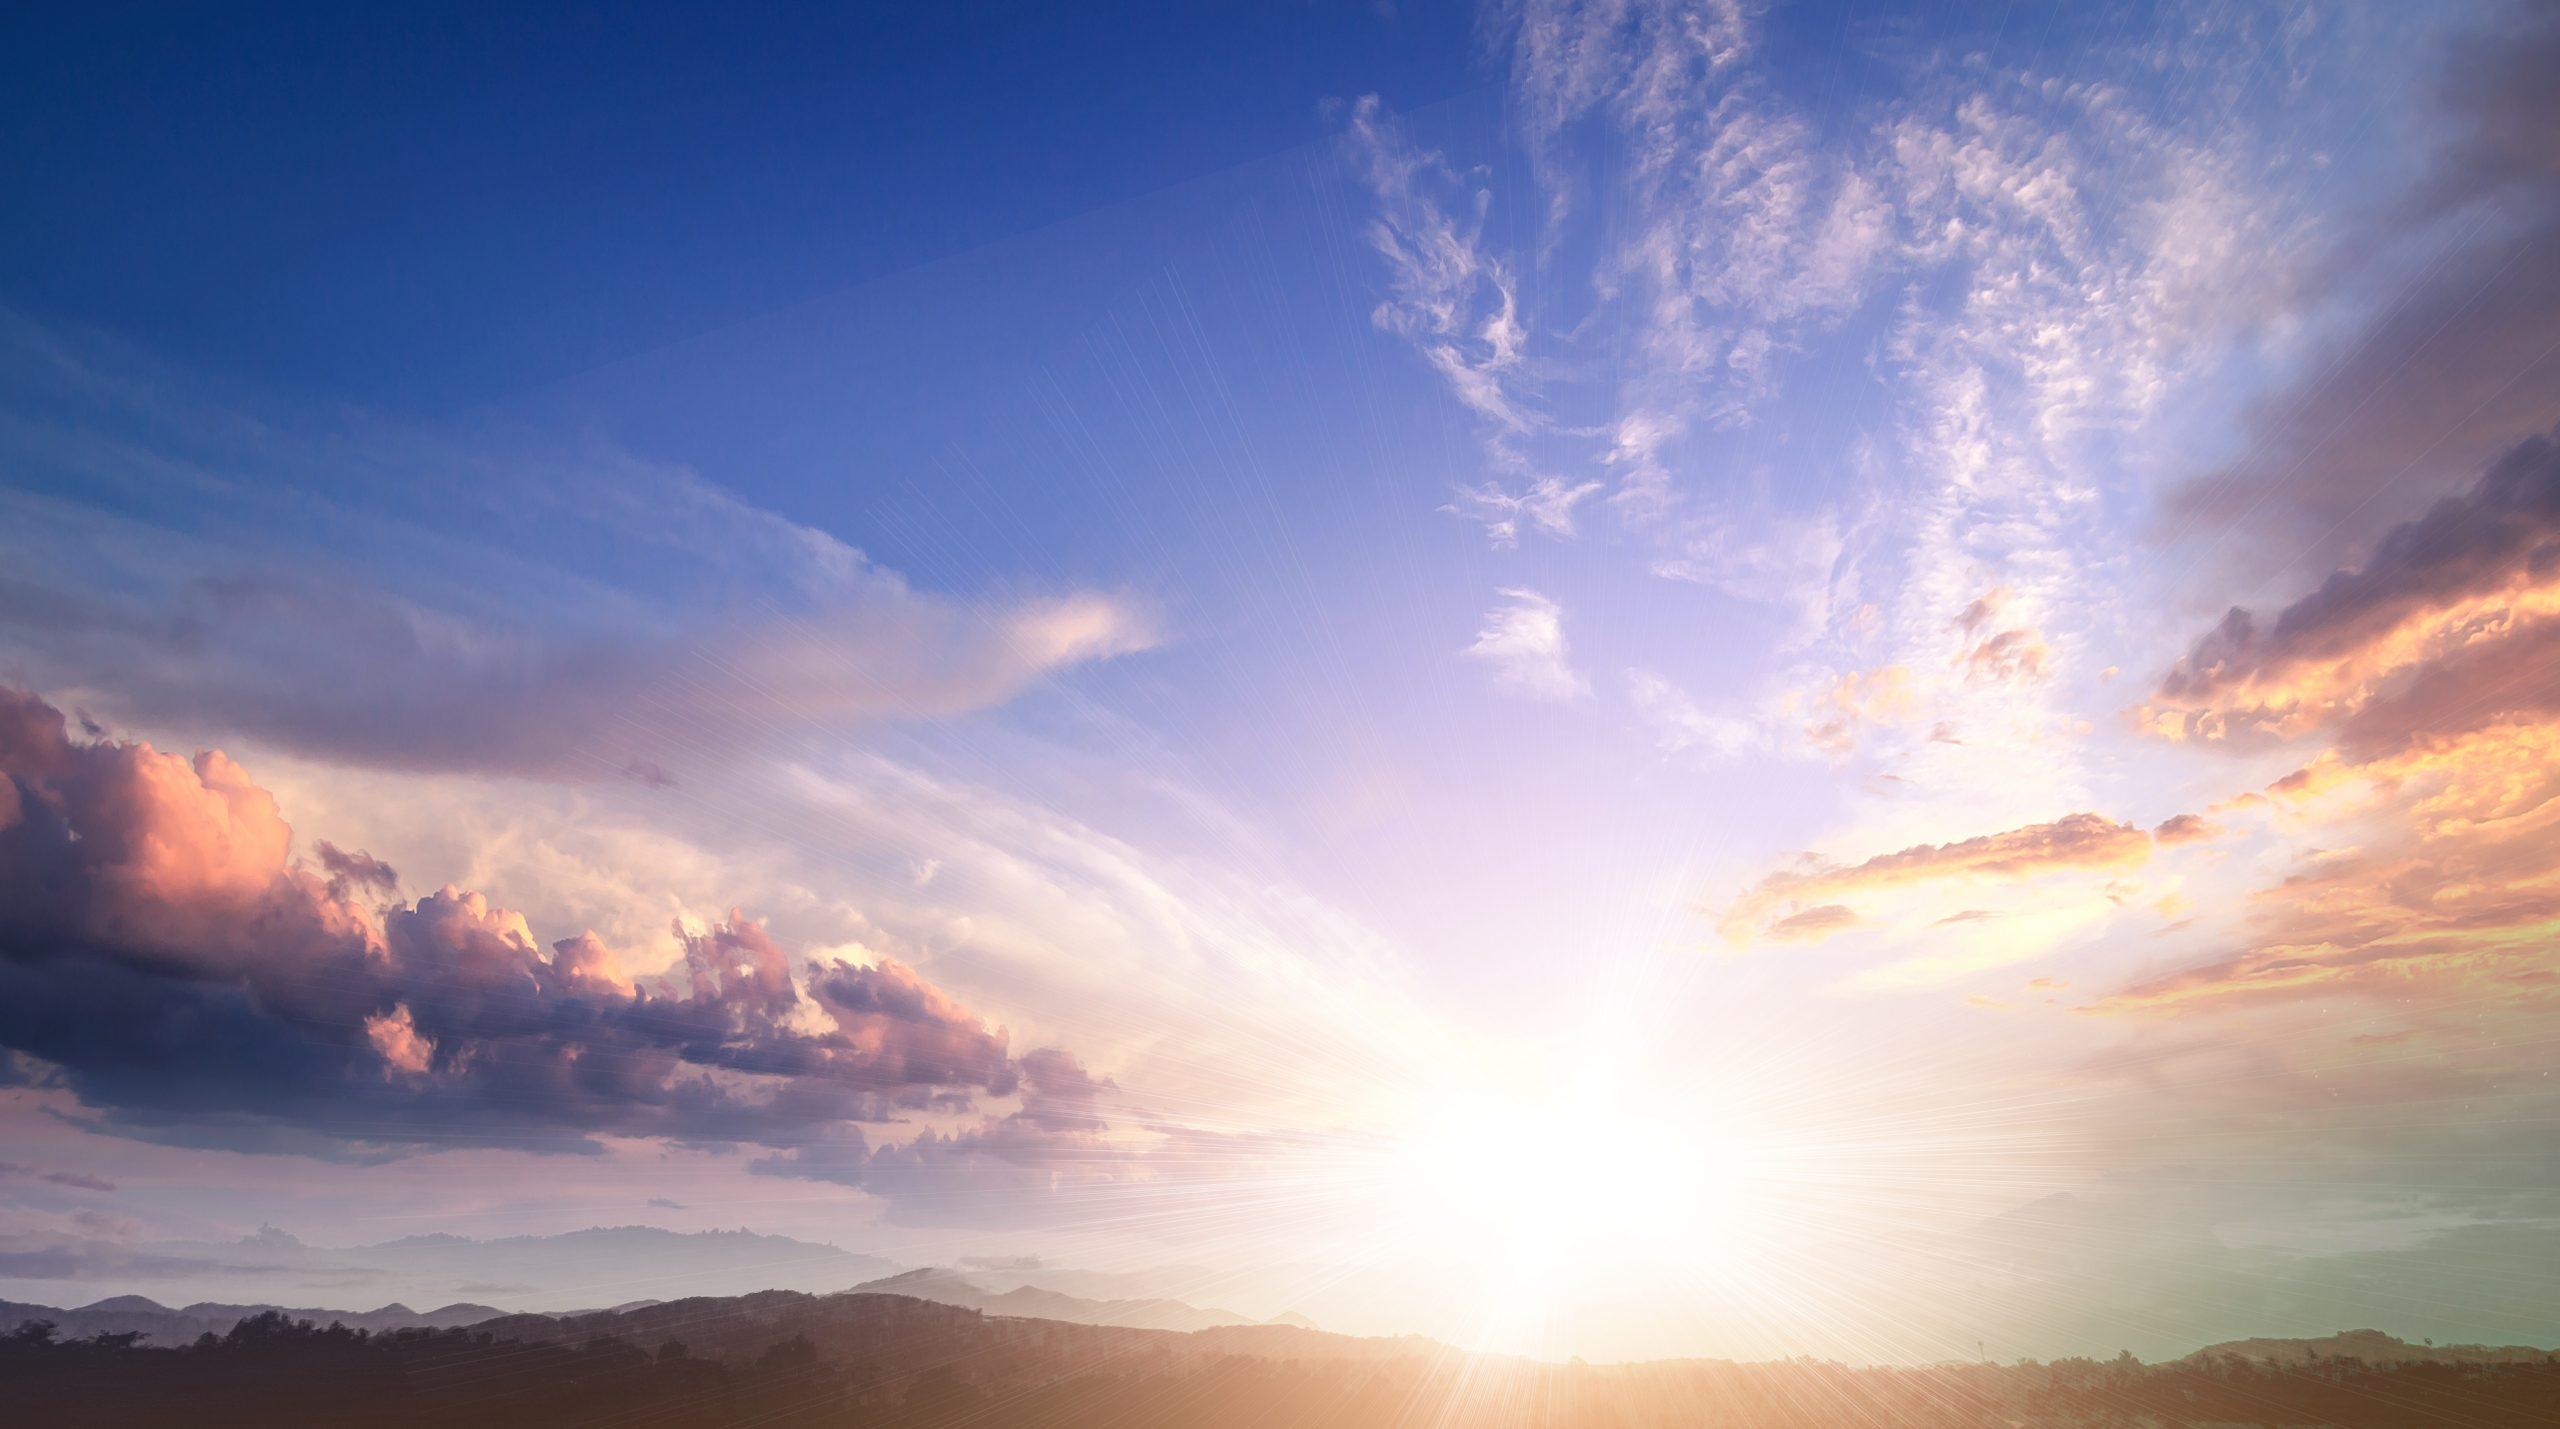 O Reino dos céus é para quem?